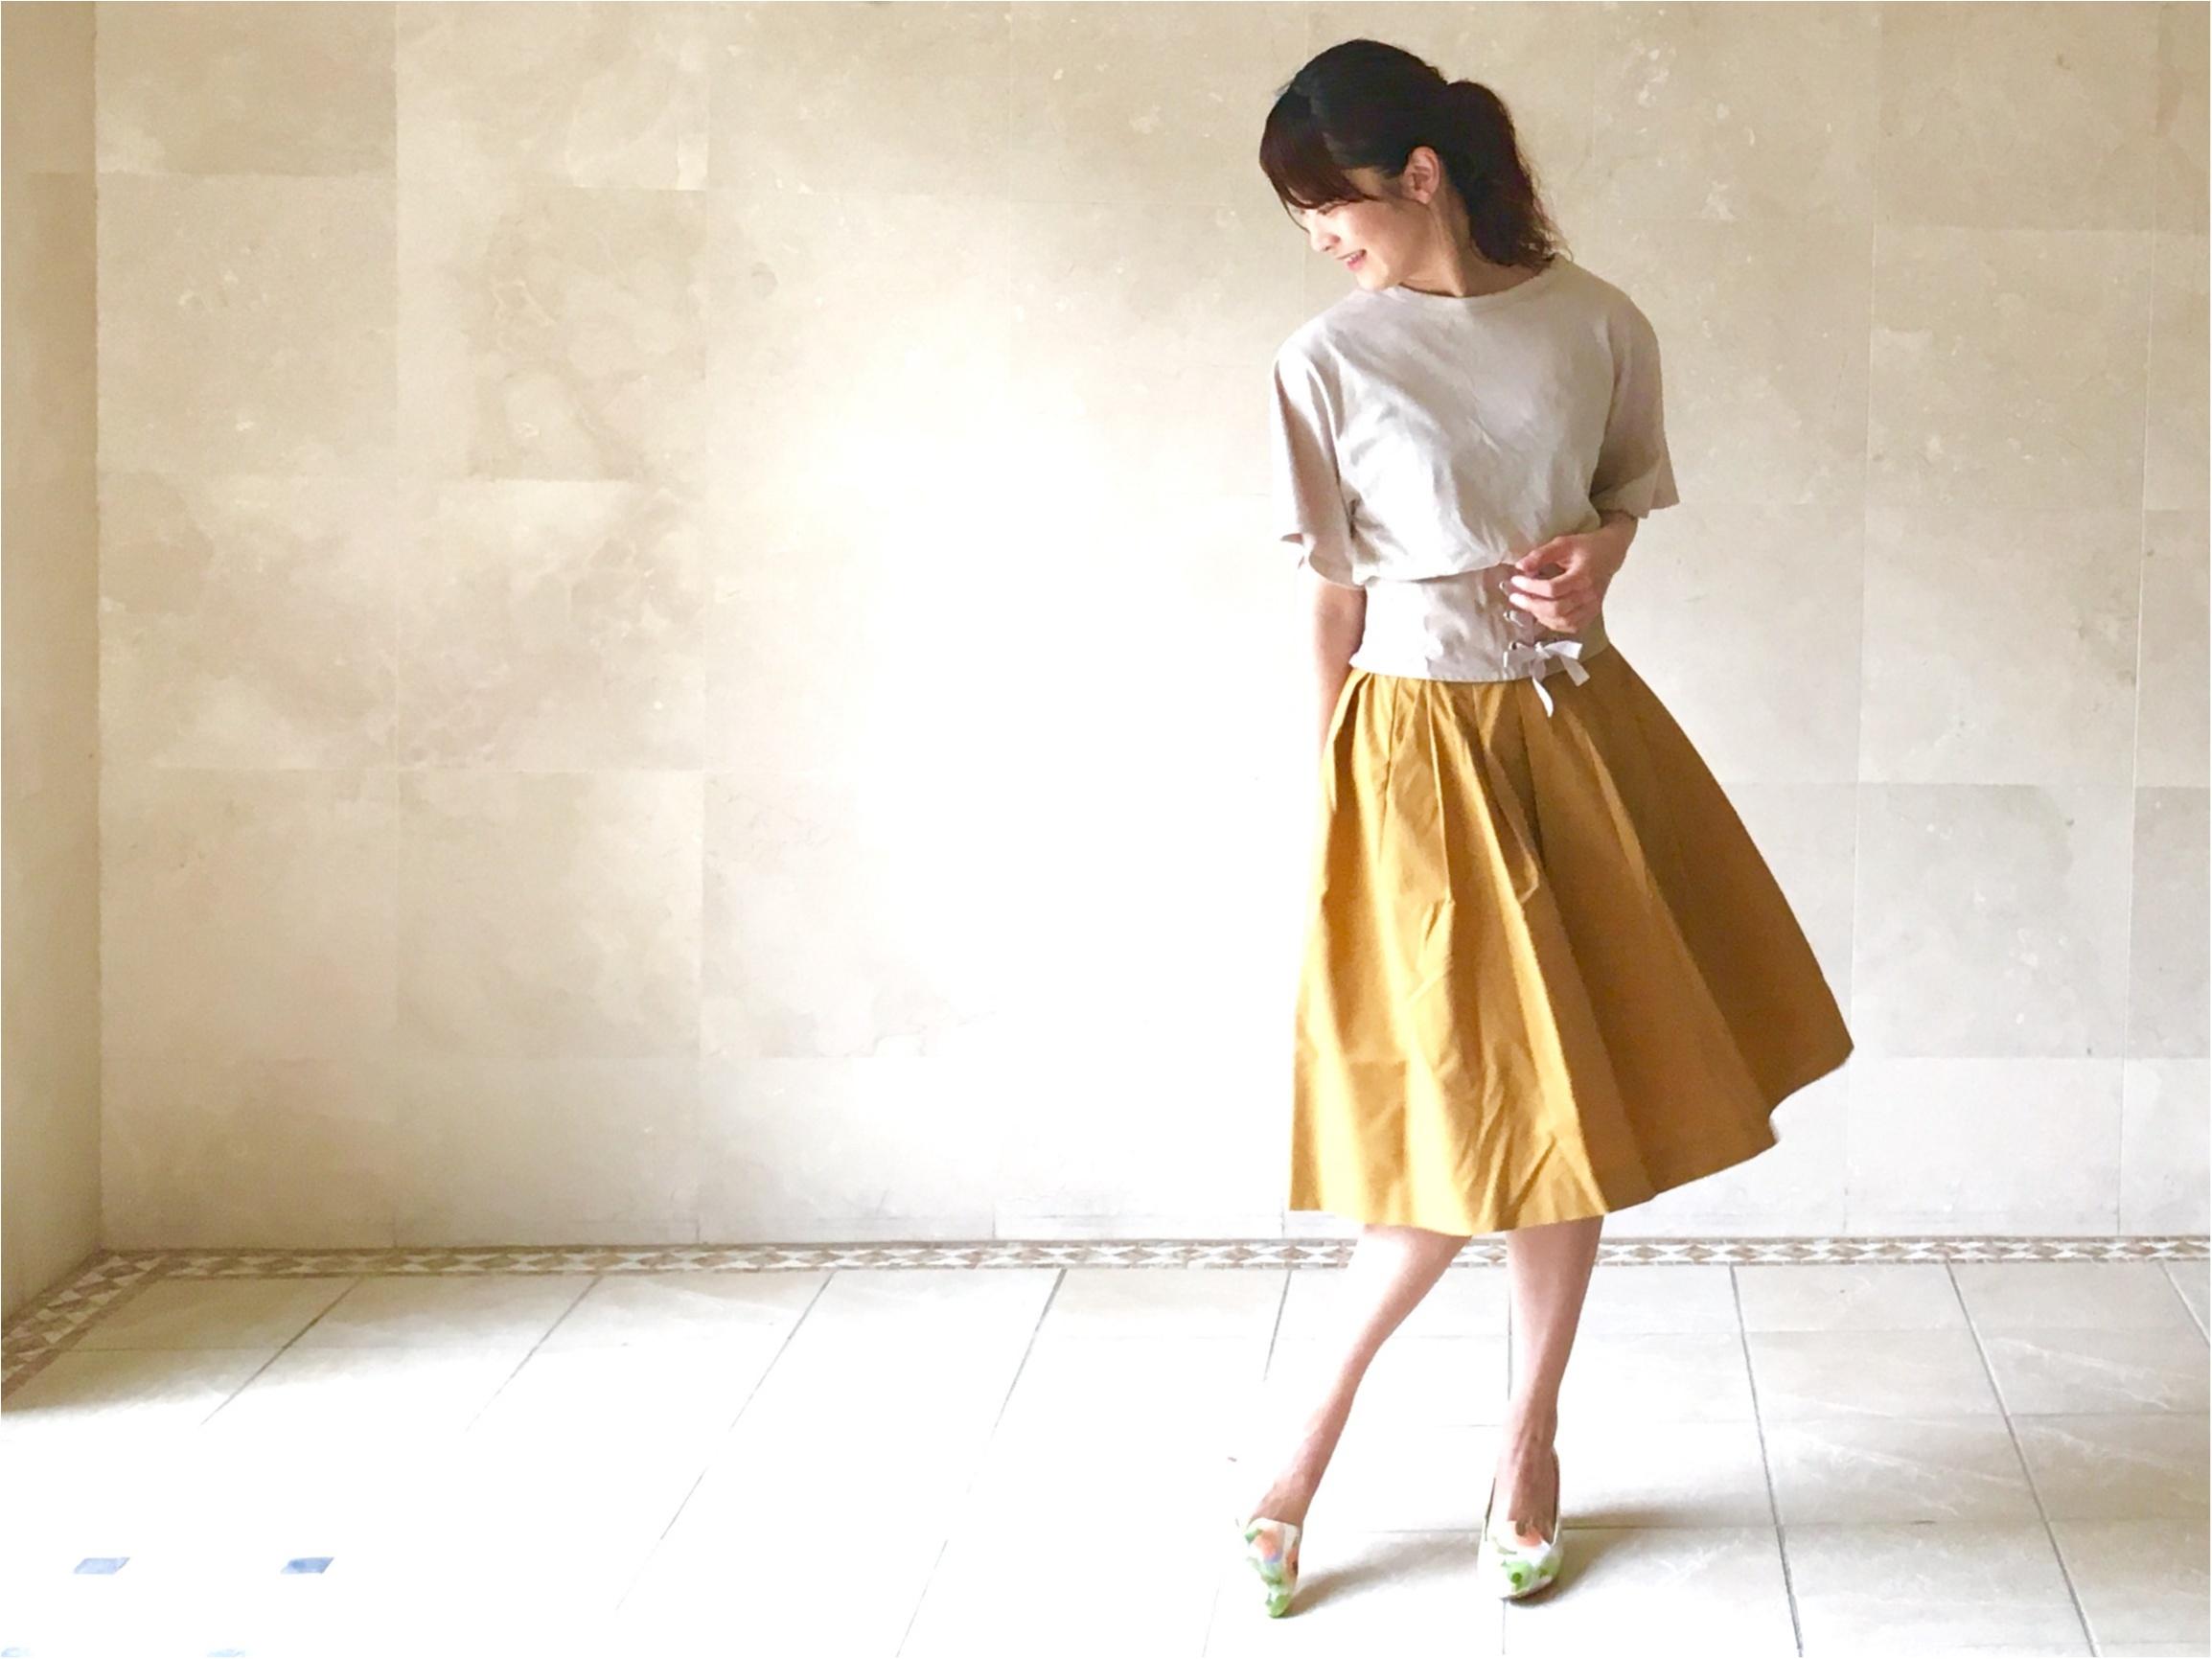 【UNIQLO】シワになりにくいからお手入れ楽チン❤️《美シルエットの優秀スカート》3選!_4